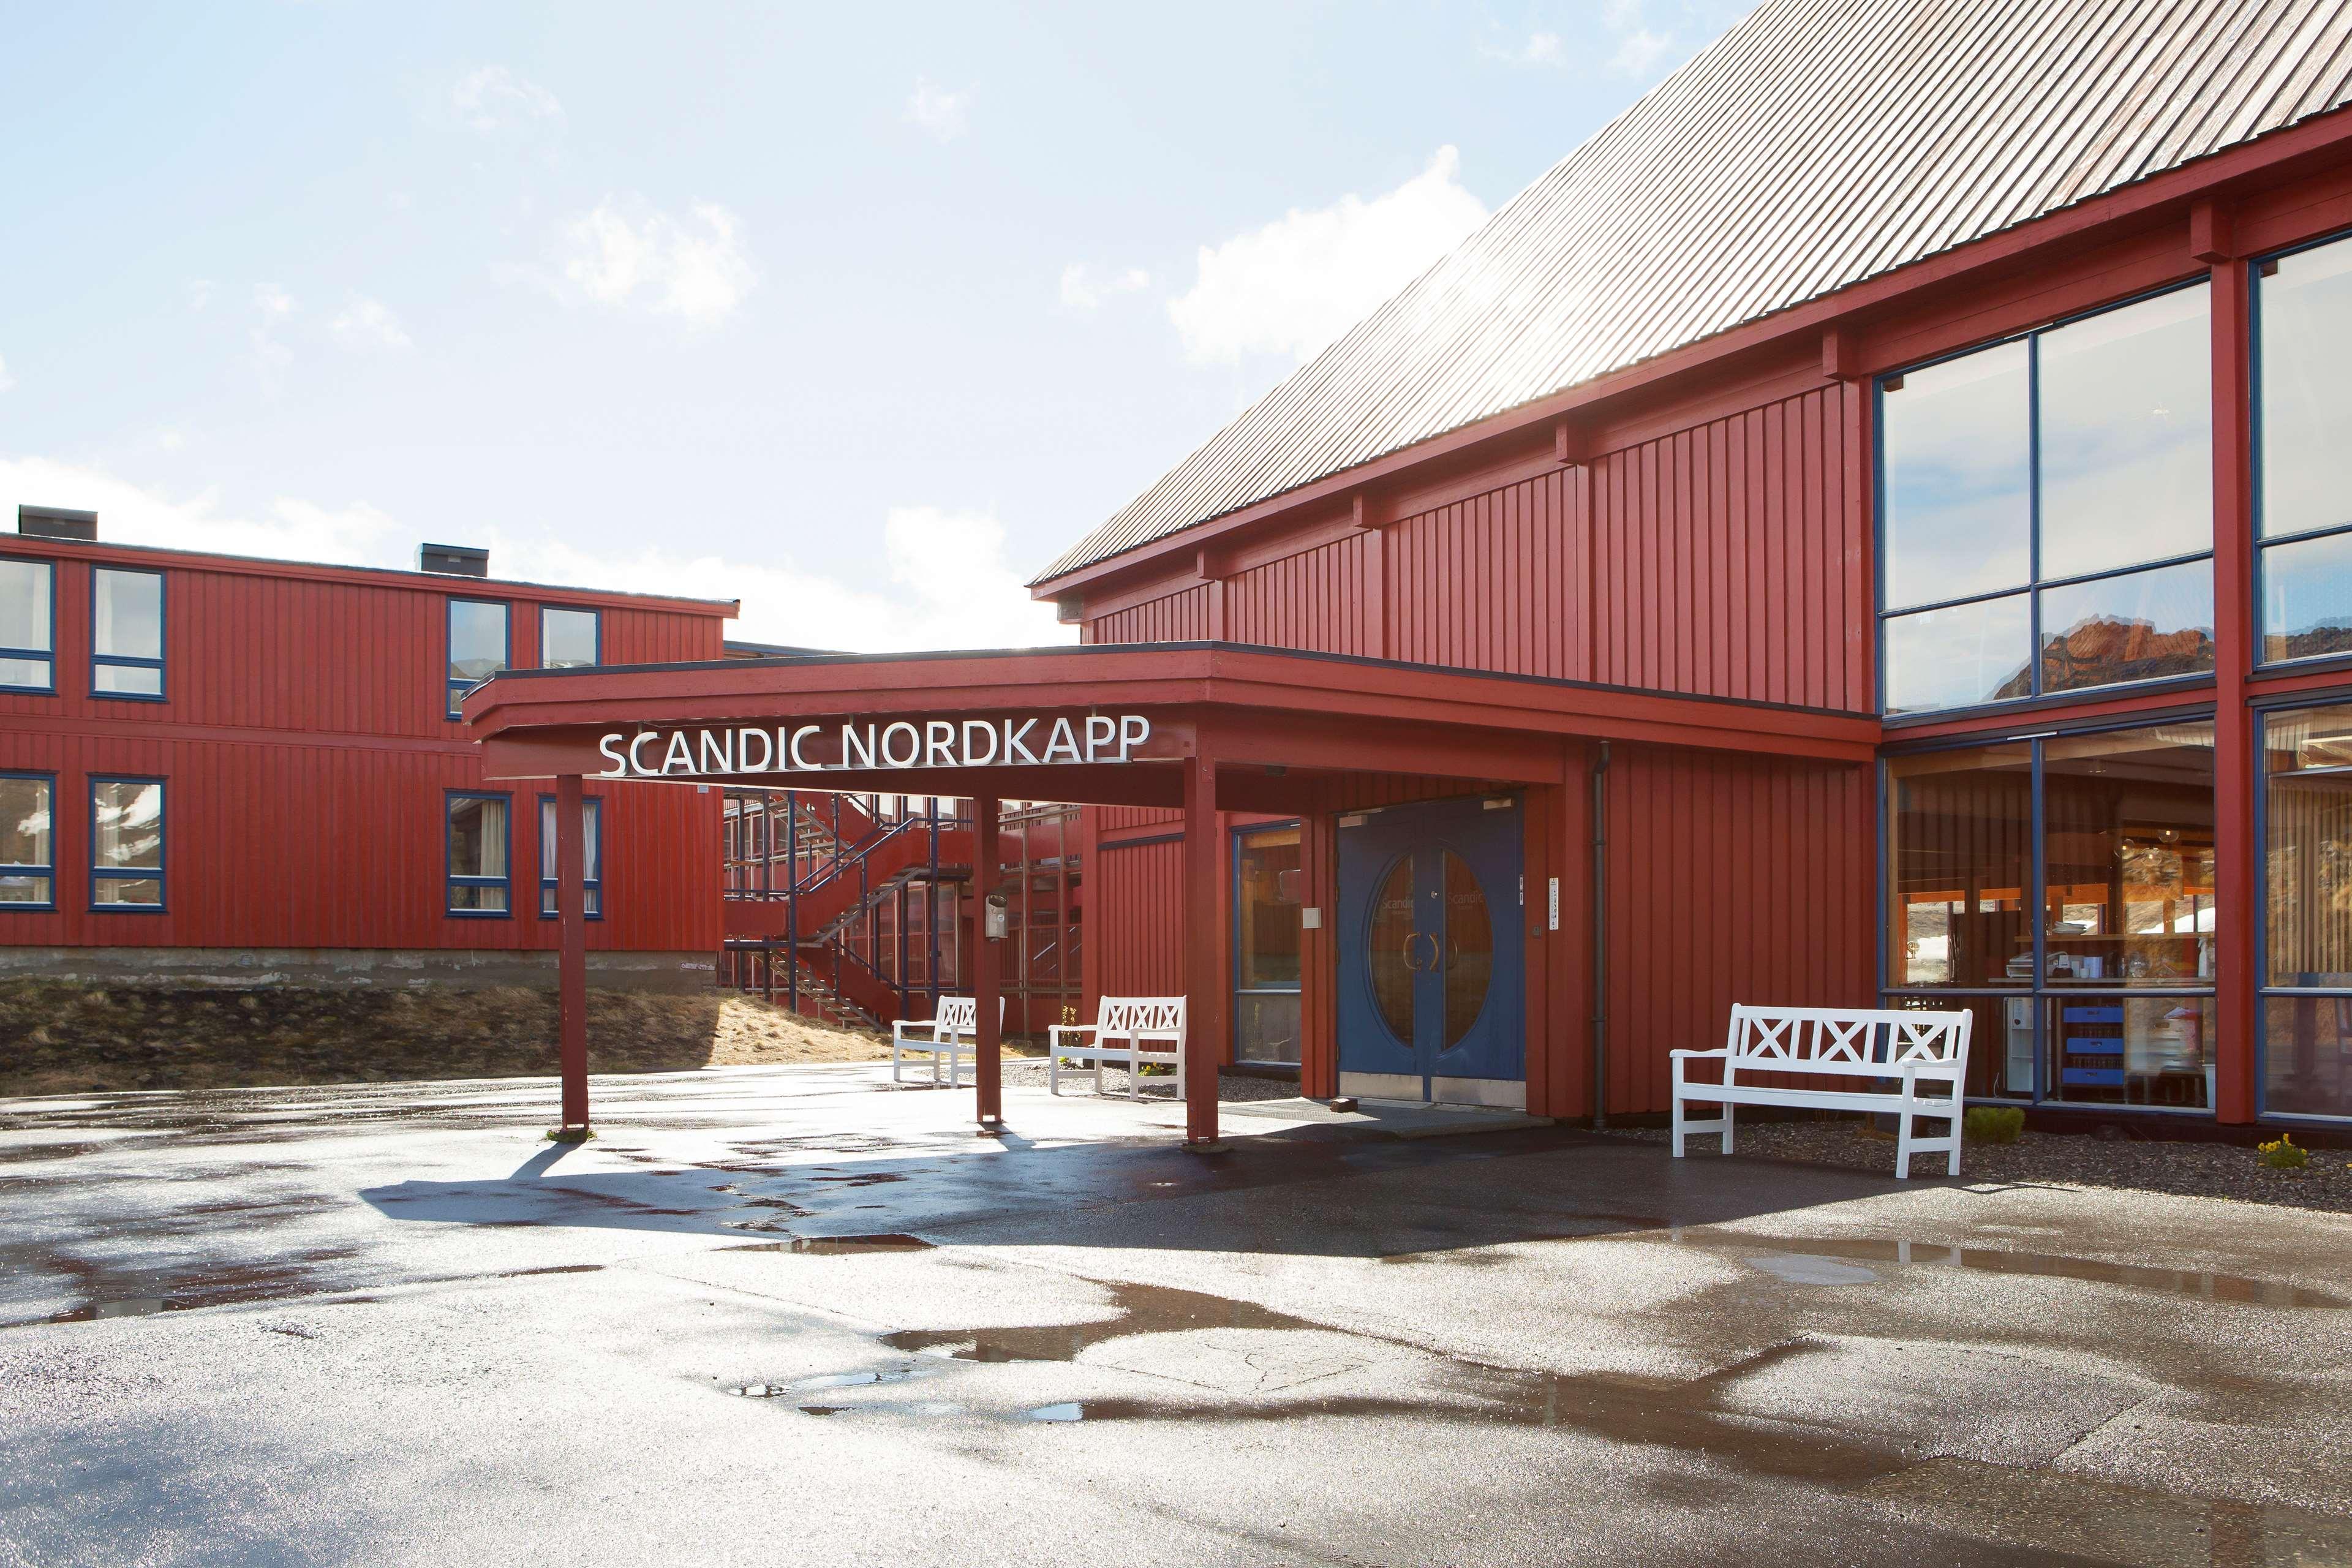 Scandic Nordkapp, Nordkapp